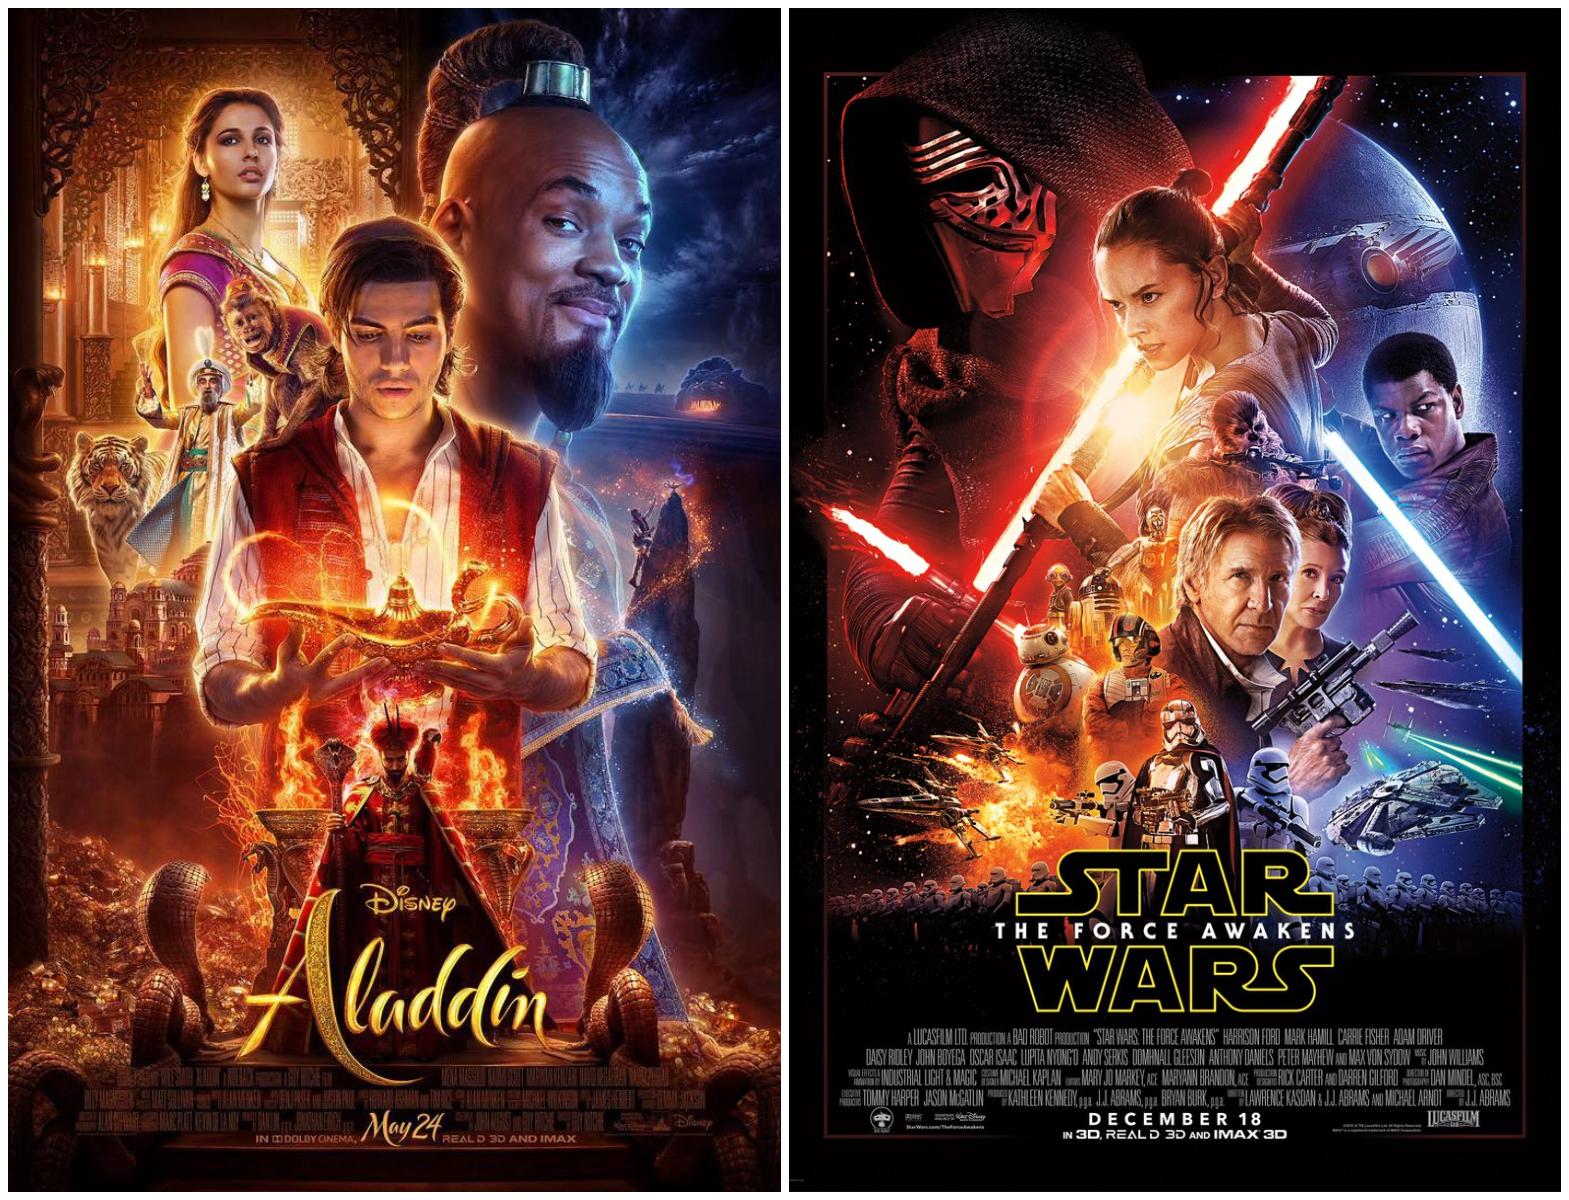 Pósters de Aladdín (izquierda) y Star Wars - Episodio VII (derecha)